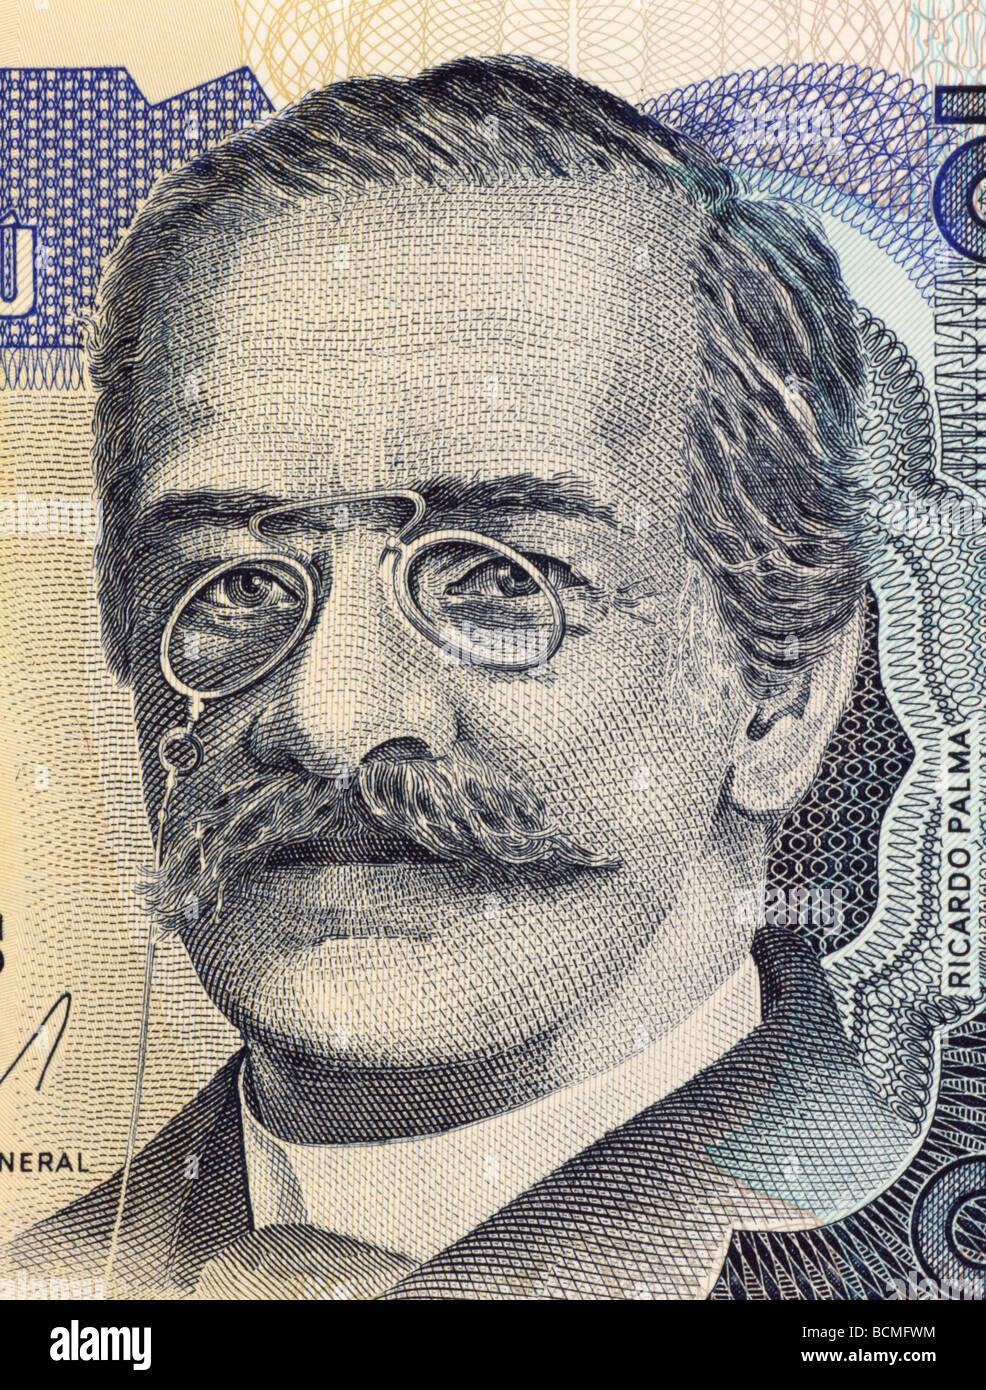 Ricardo Palma on 10 Intis 1986 Banknote from Peru - Stock Image